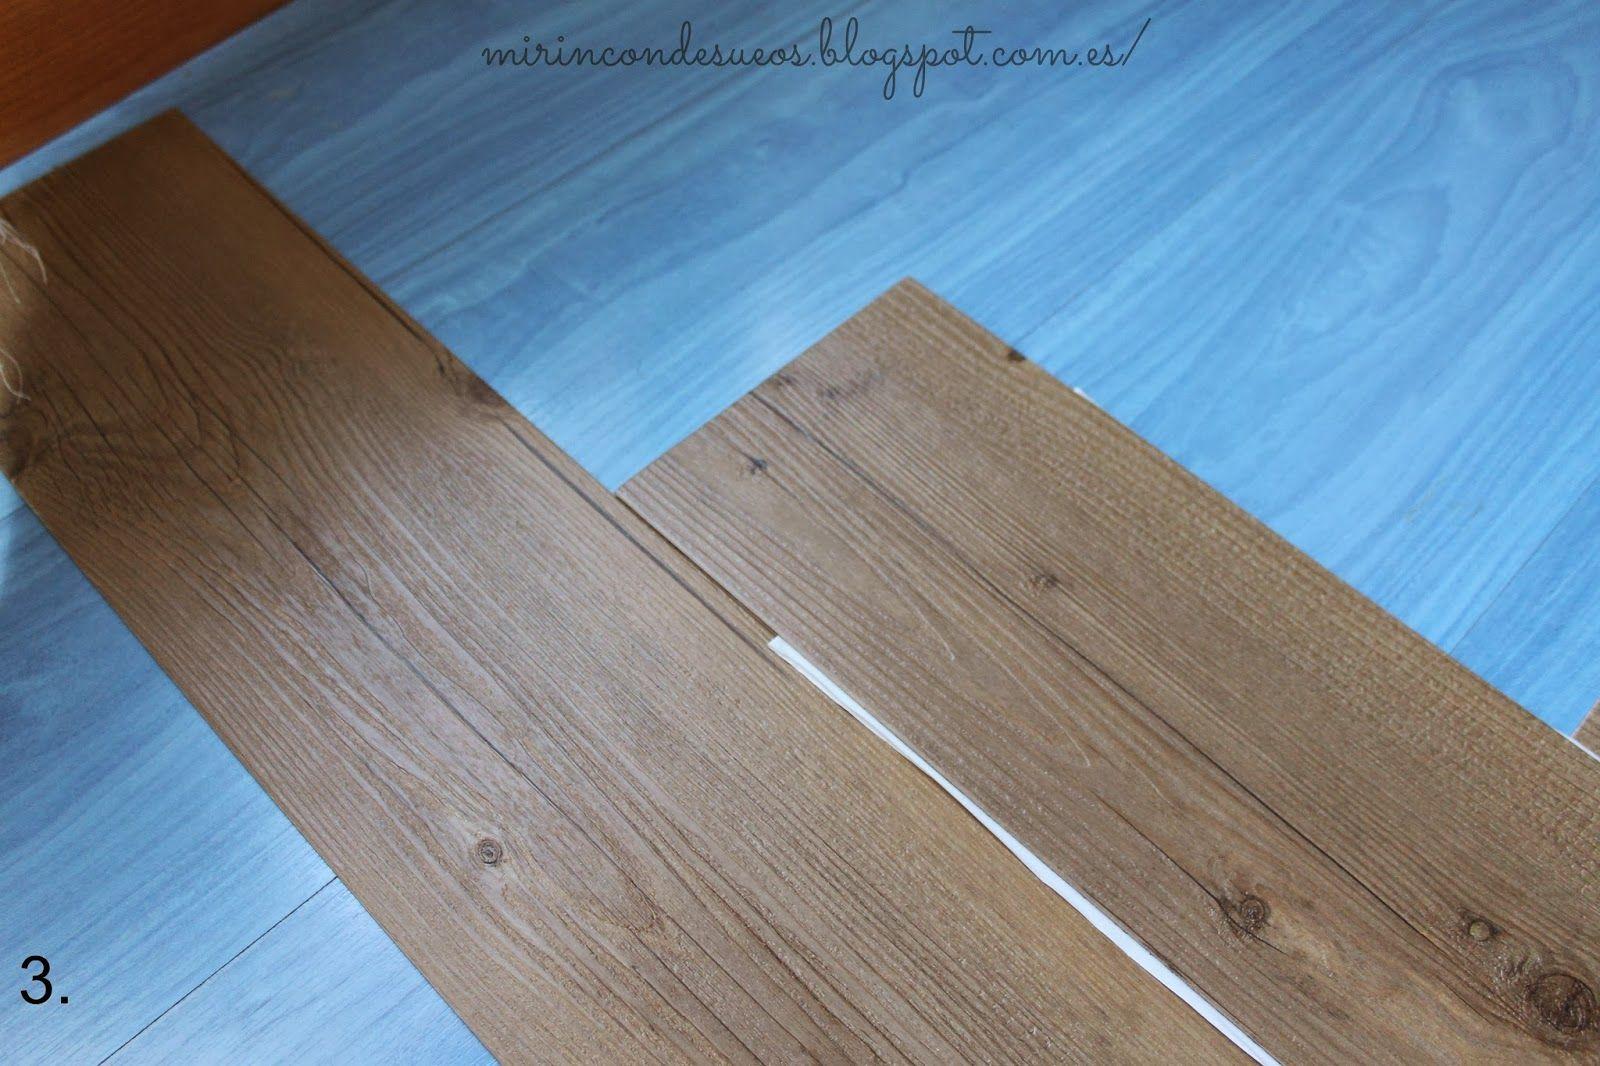 Blog de bricolaje y decoraci n f cil para tu hogar - Suelo laminado autoadhesivo ...